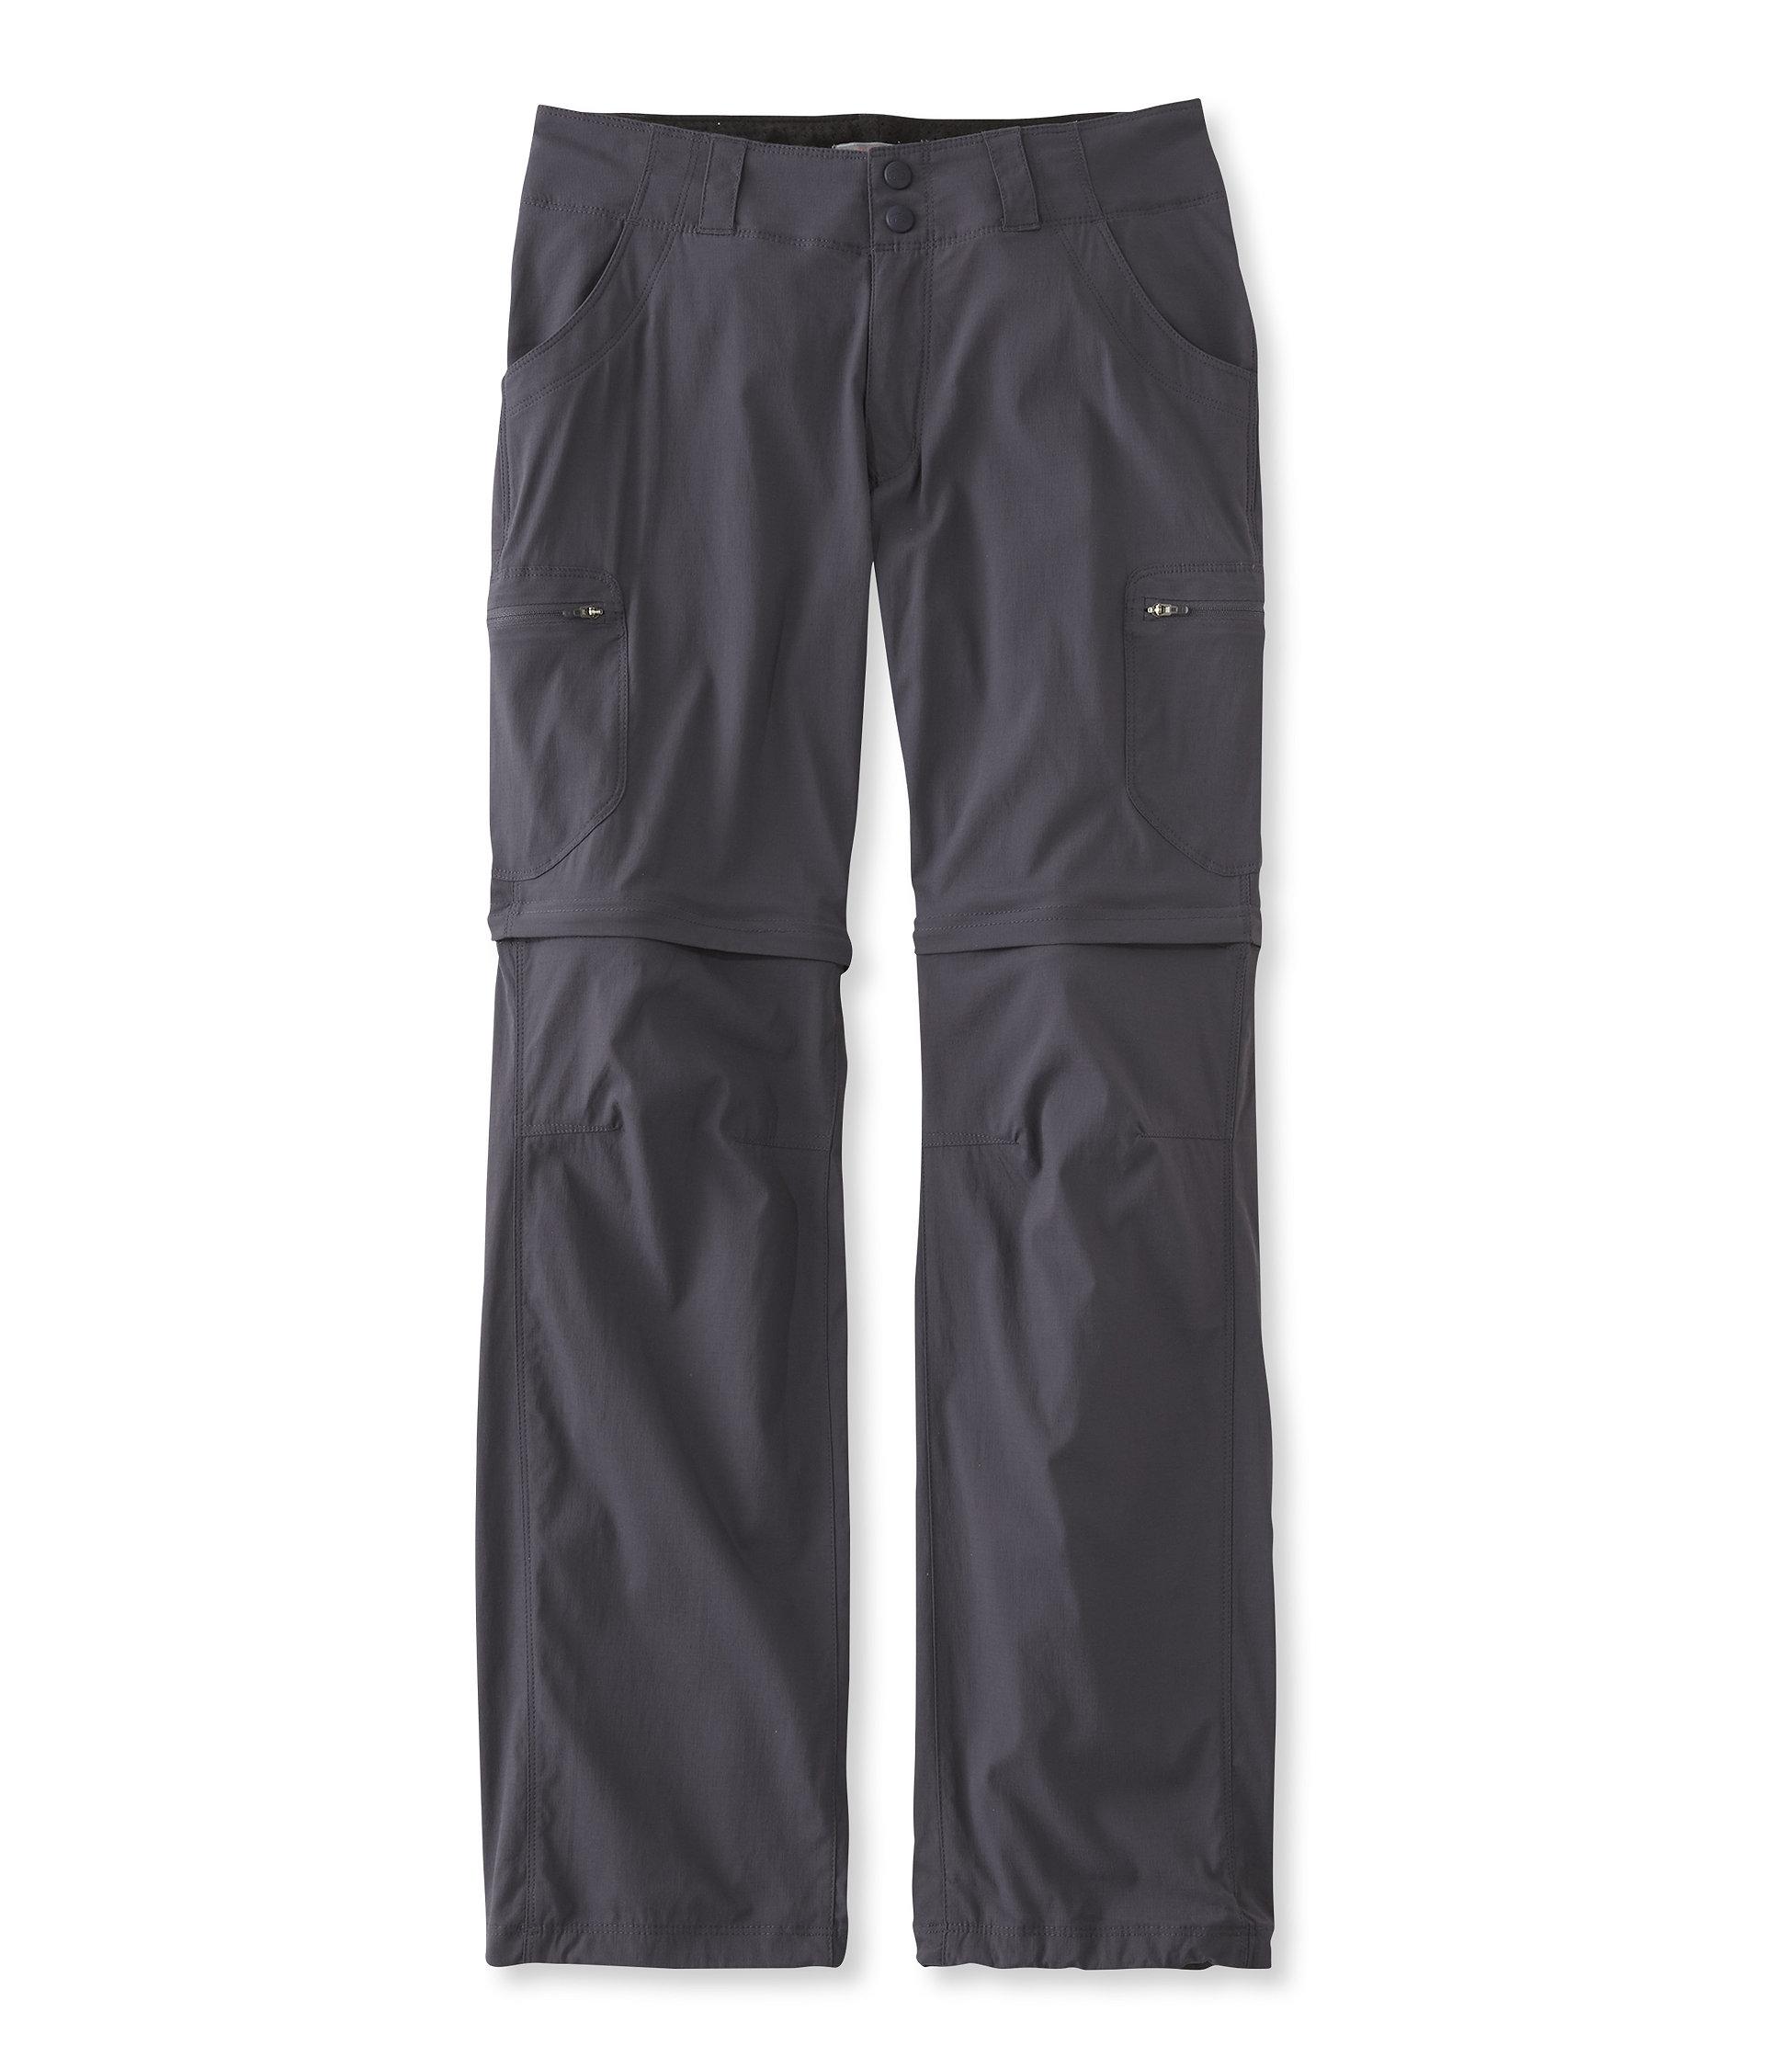 L.L.Bean Vista Trekking Zip-Off Pant